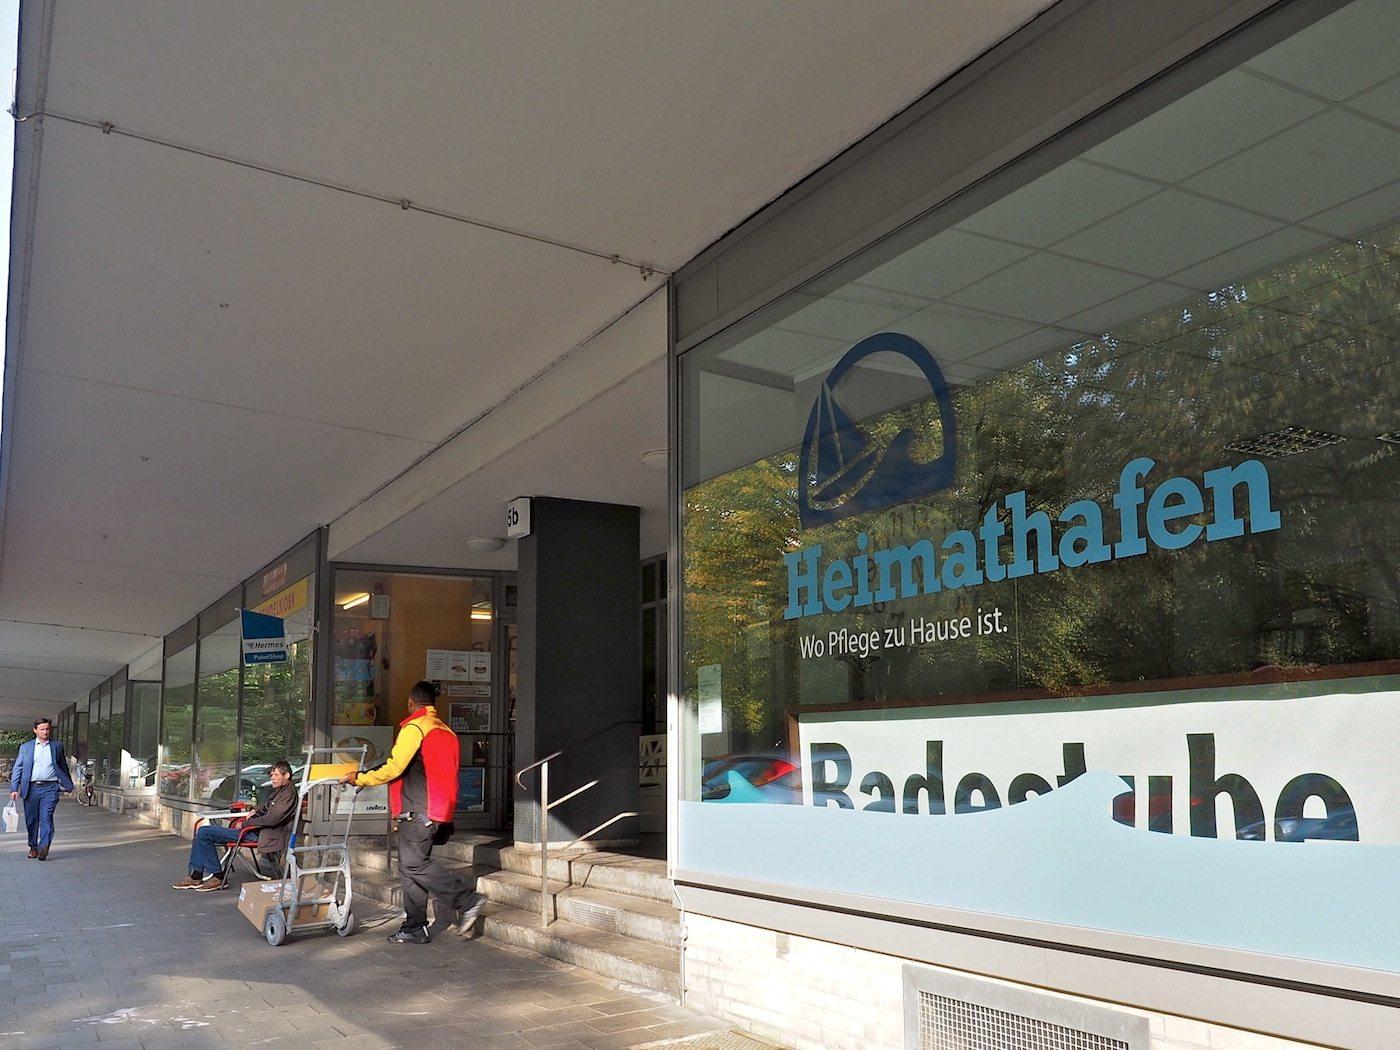 Neue Nutzer.. Neben Architekten, Galerien und Agenturen haben sich viele soziale Dienste in den früheren Läden der Bäcker, Schlachter oder Radiohändler eingerichtet. Als tägliche Anlaufstelle dient alleine noch der Kiosk in der Hallerstraße 5.